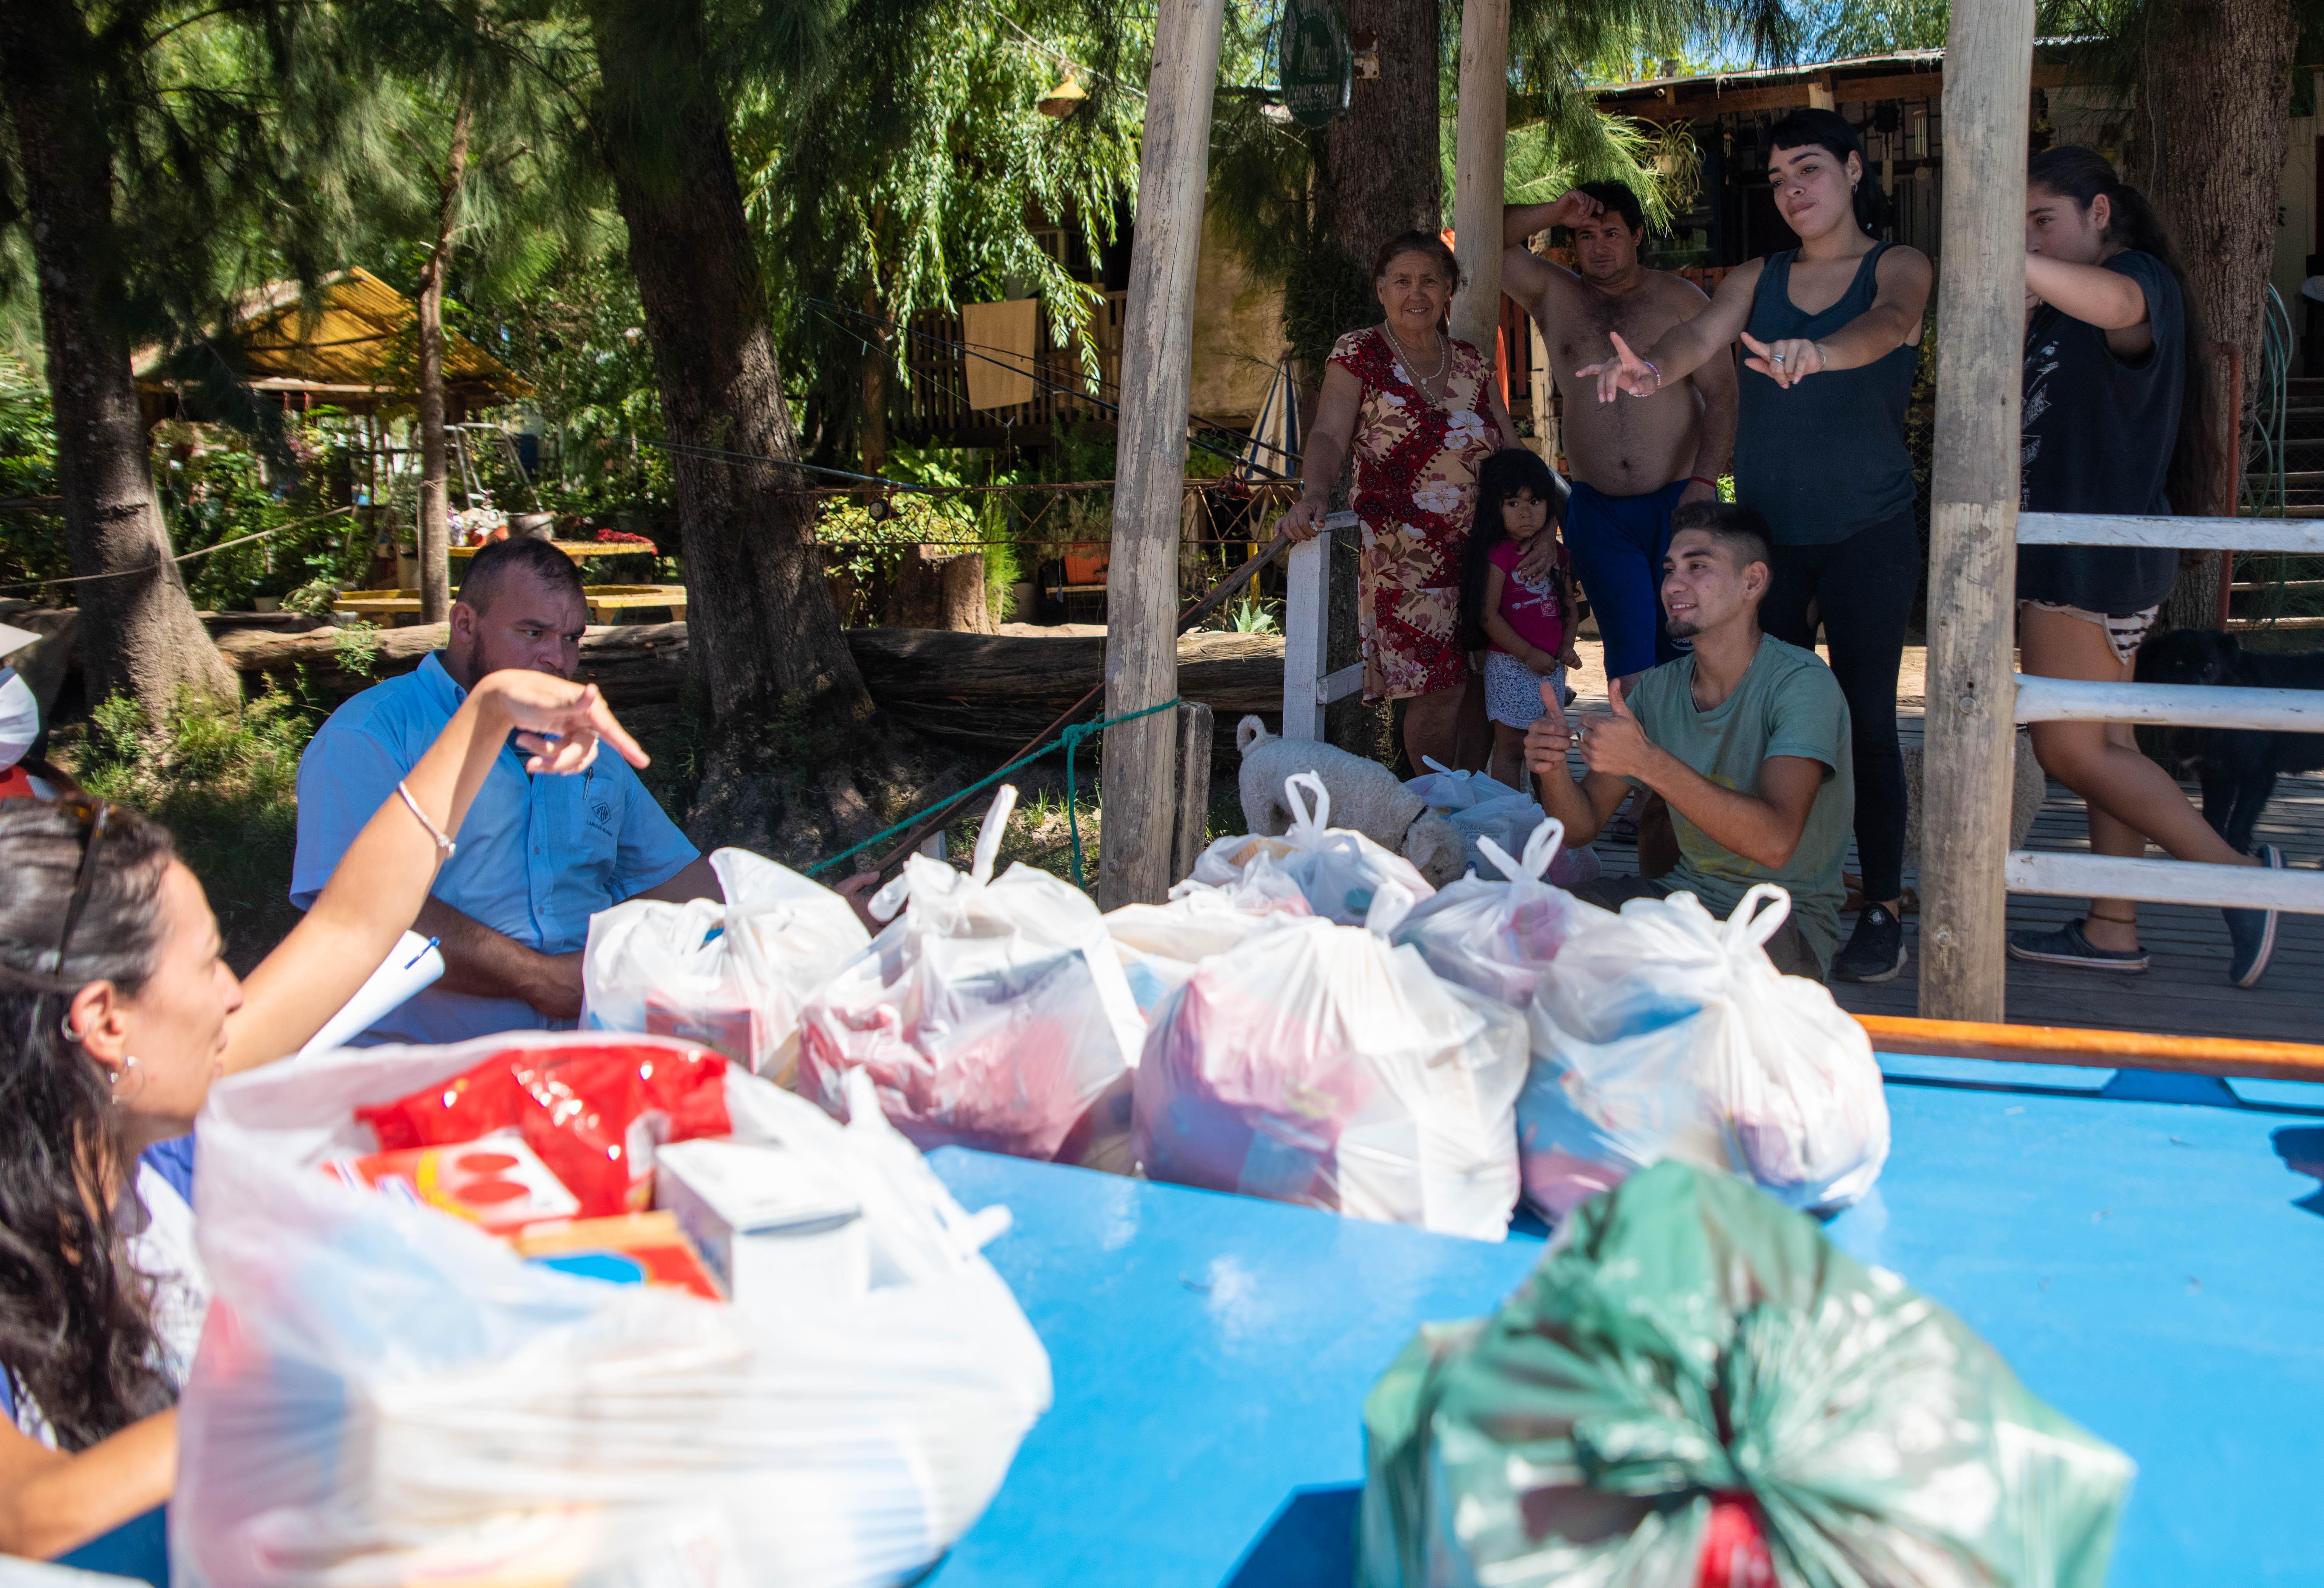 Los docentes se despiden de la familia de uno de sus alumnos después de entregarle los kits alimenticios. (Foto: Franco Fafasuli)